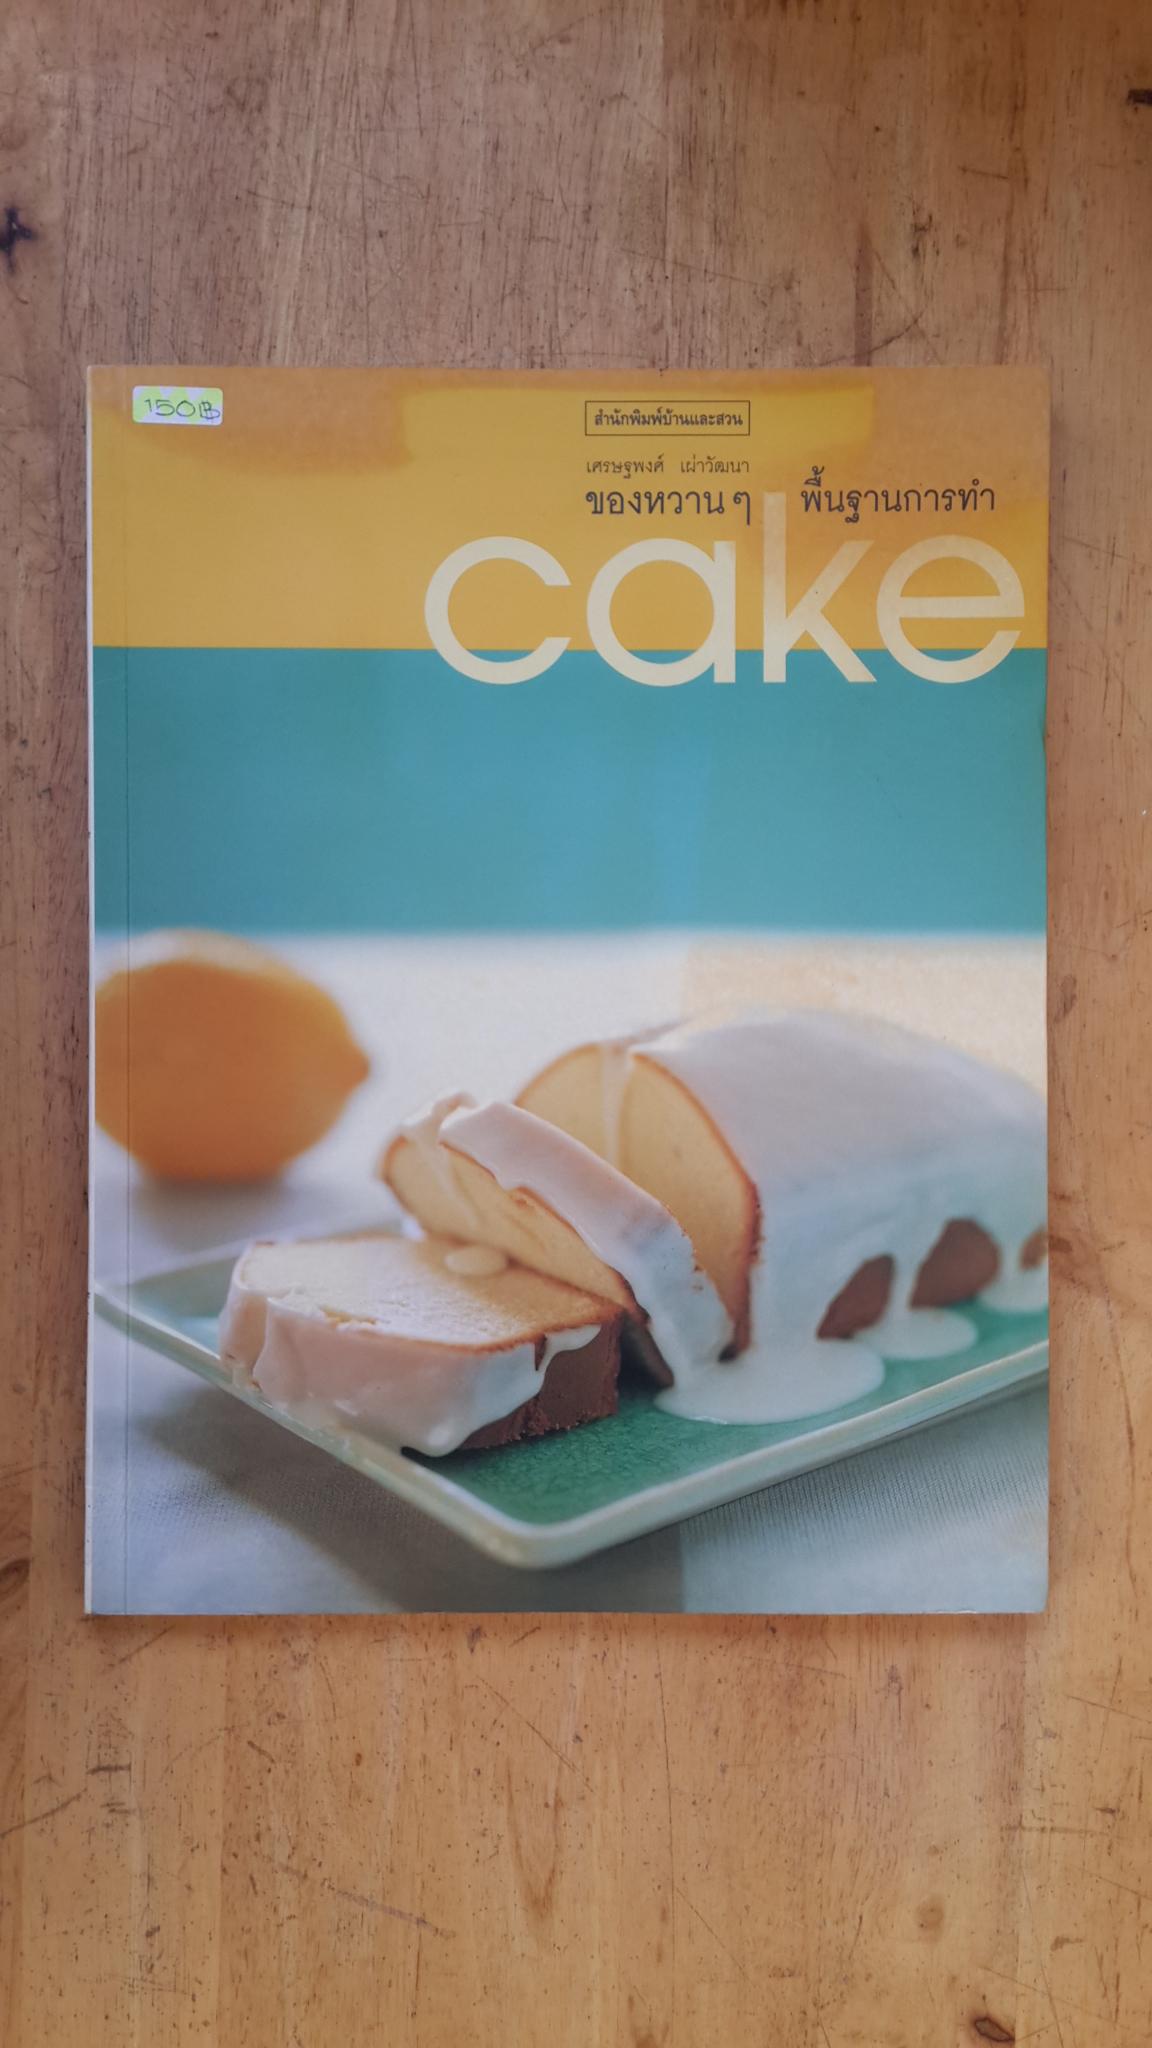 ของหวานๆพื้นฐานการทำ Cake / เศรษฐพงศ์ เผ่าวัฒนา